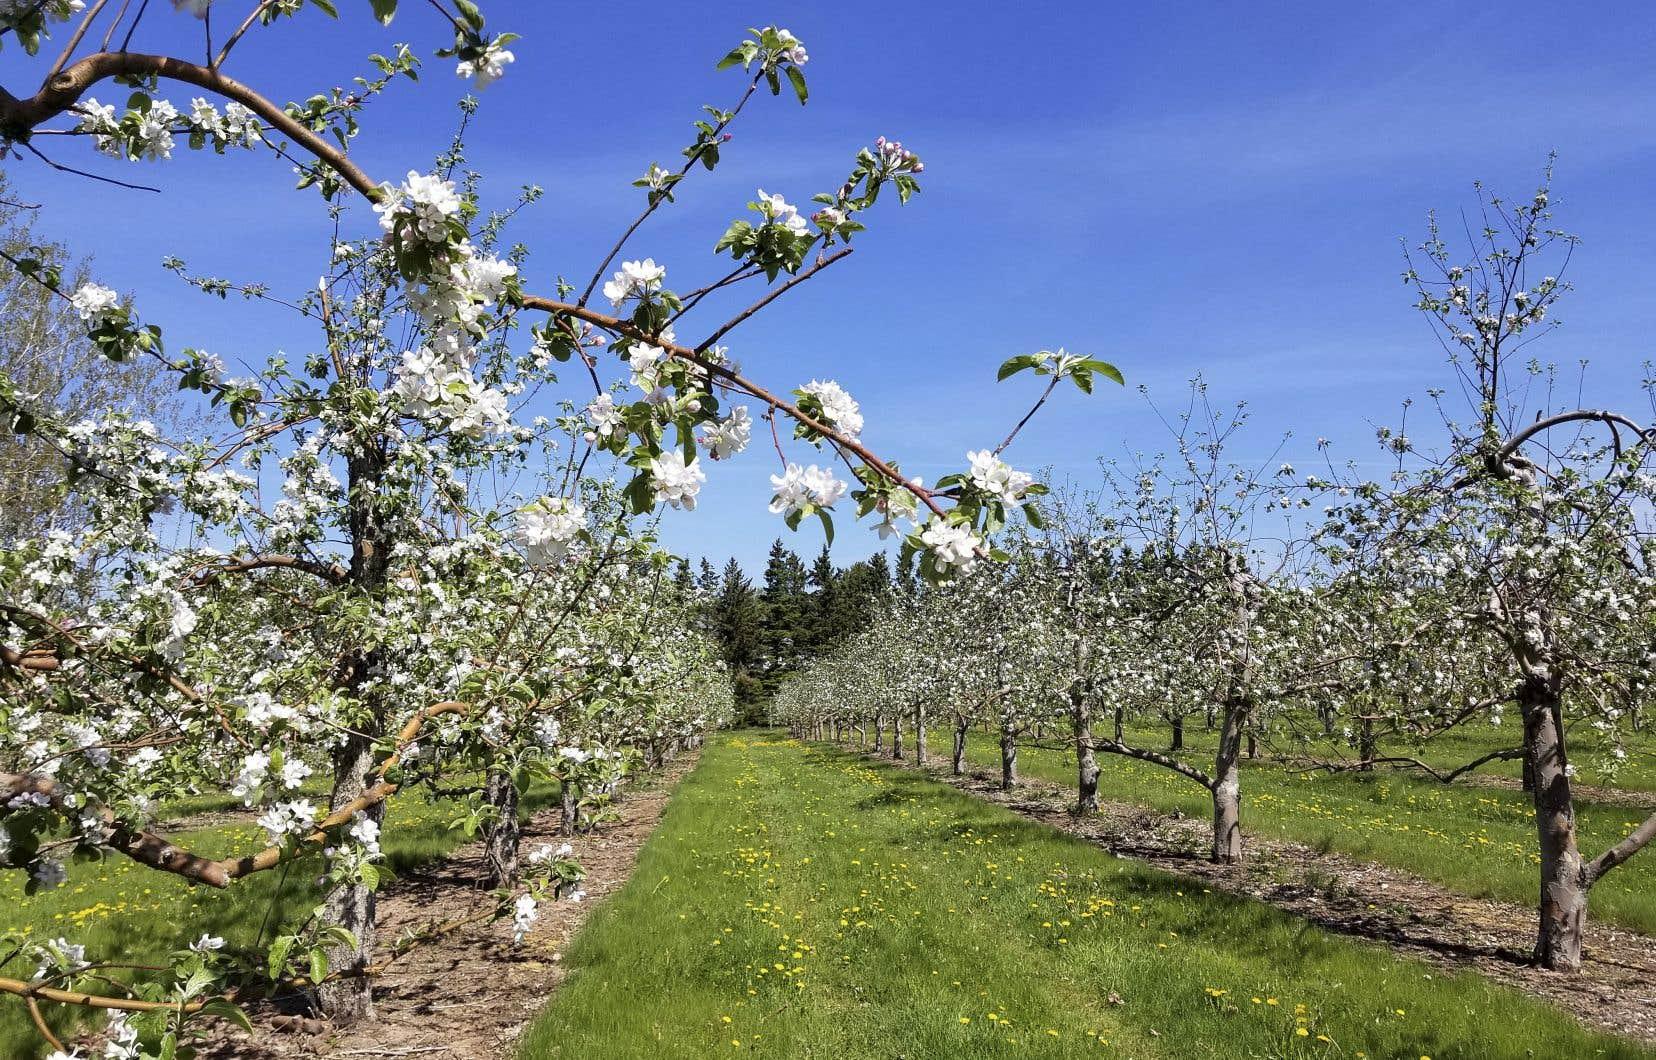 Le verger Belliveau compte 70 000 pommiers, dont plusieurs variétés de pommes ancestrales.